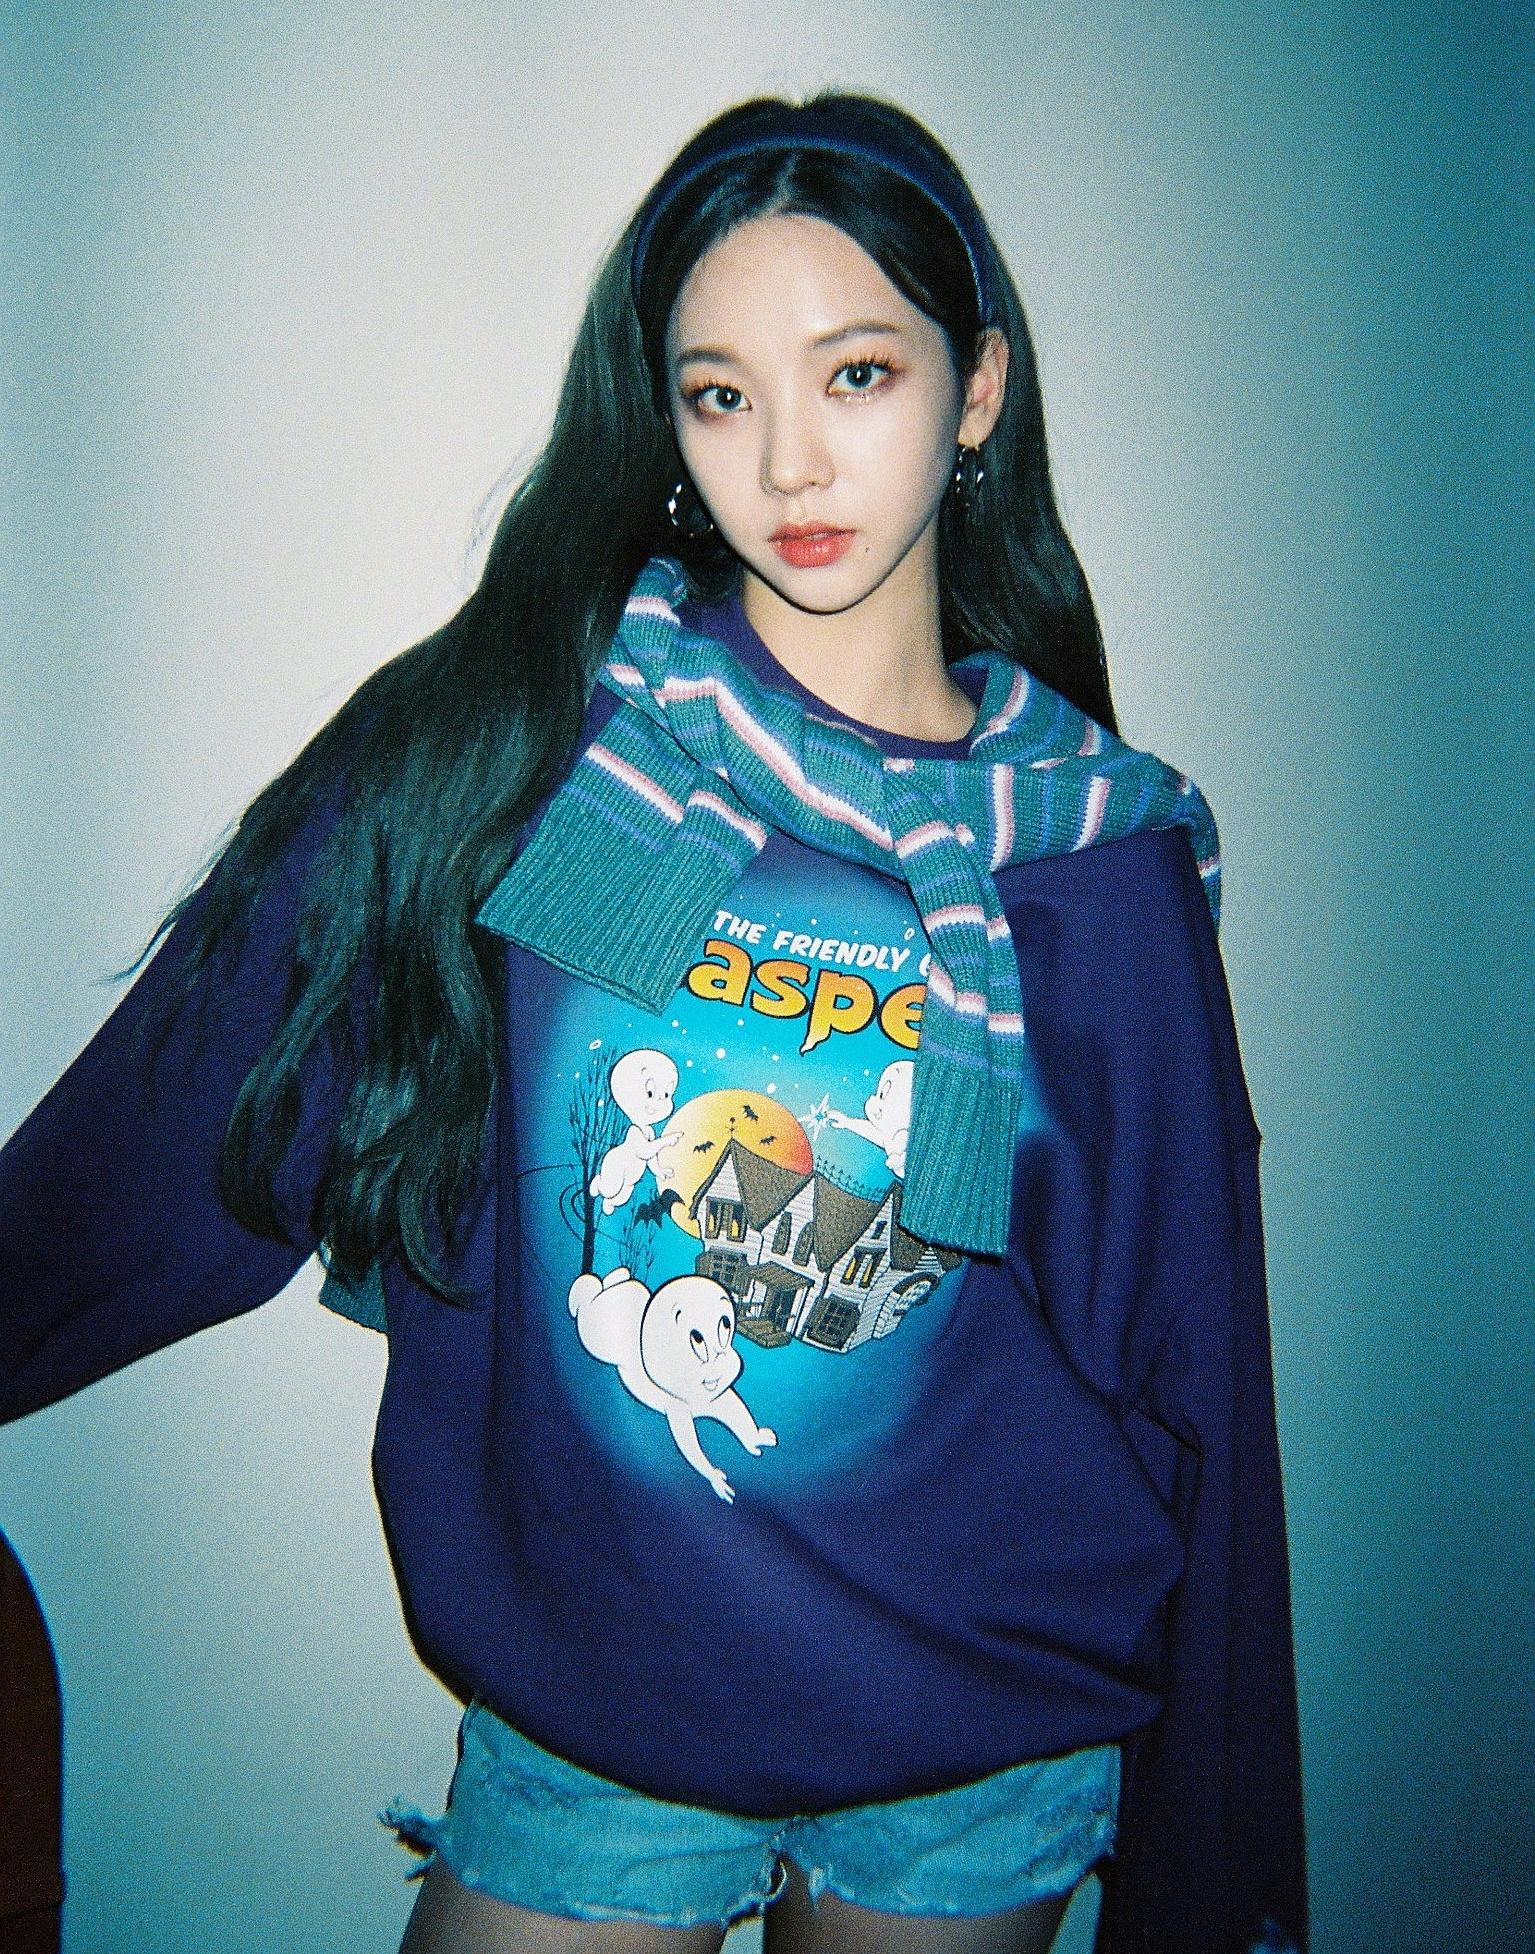 Một số netizen lại cho rằng Karina ít làm mới hình ảnh là vì cô chỉ hợp với kiểu tóc truyền thống này, nếu đổi sang style khác sẽ lộ khuyết điểm.